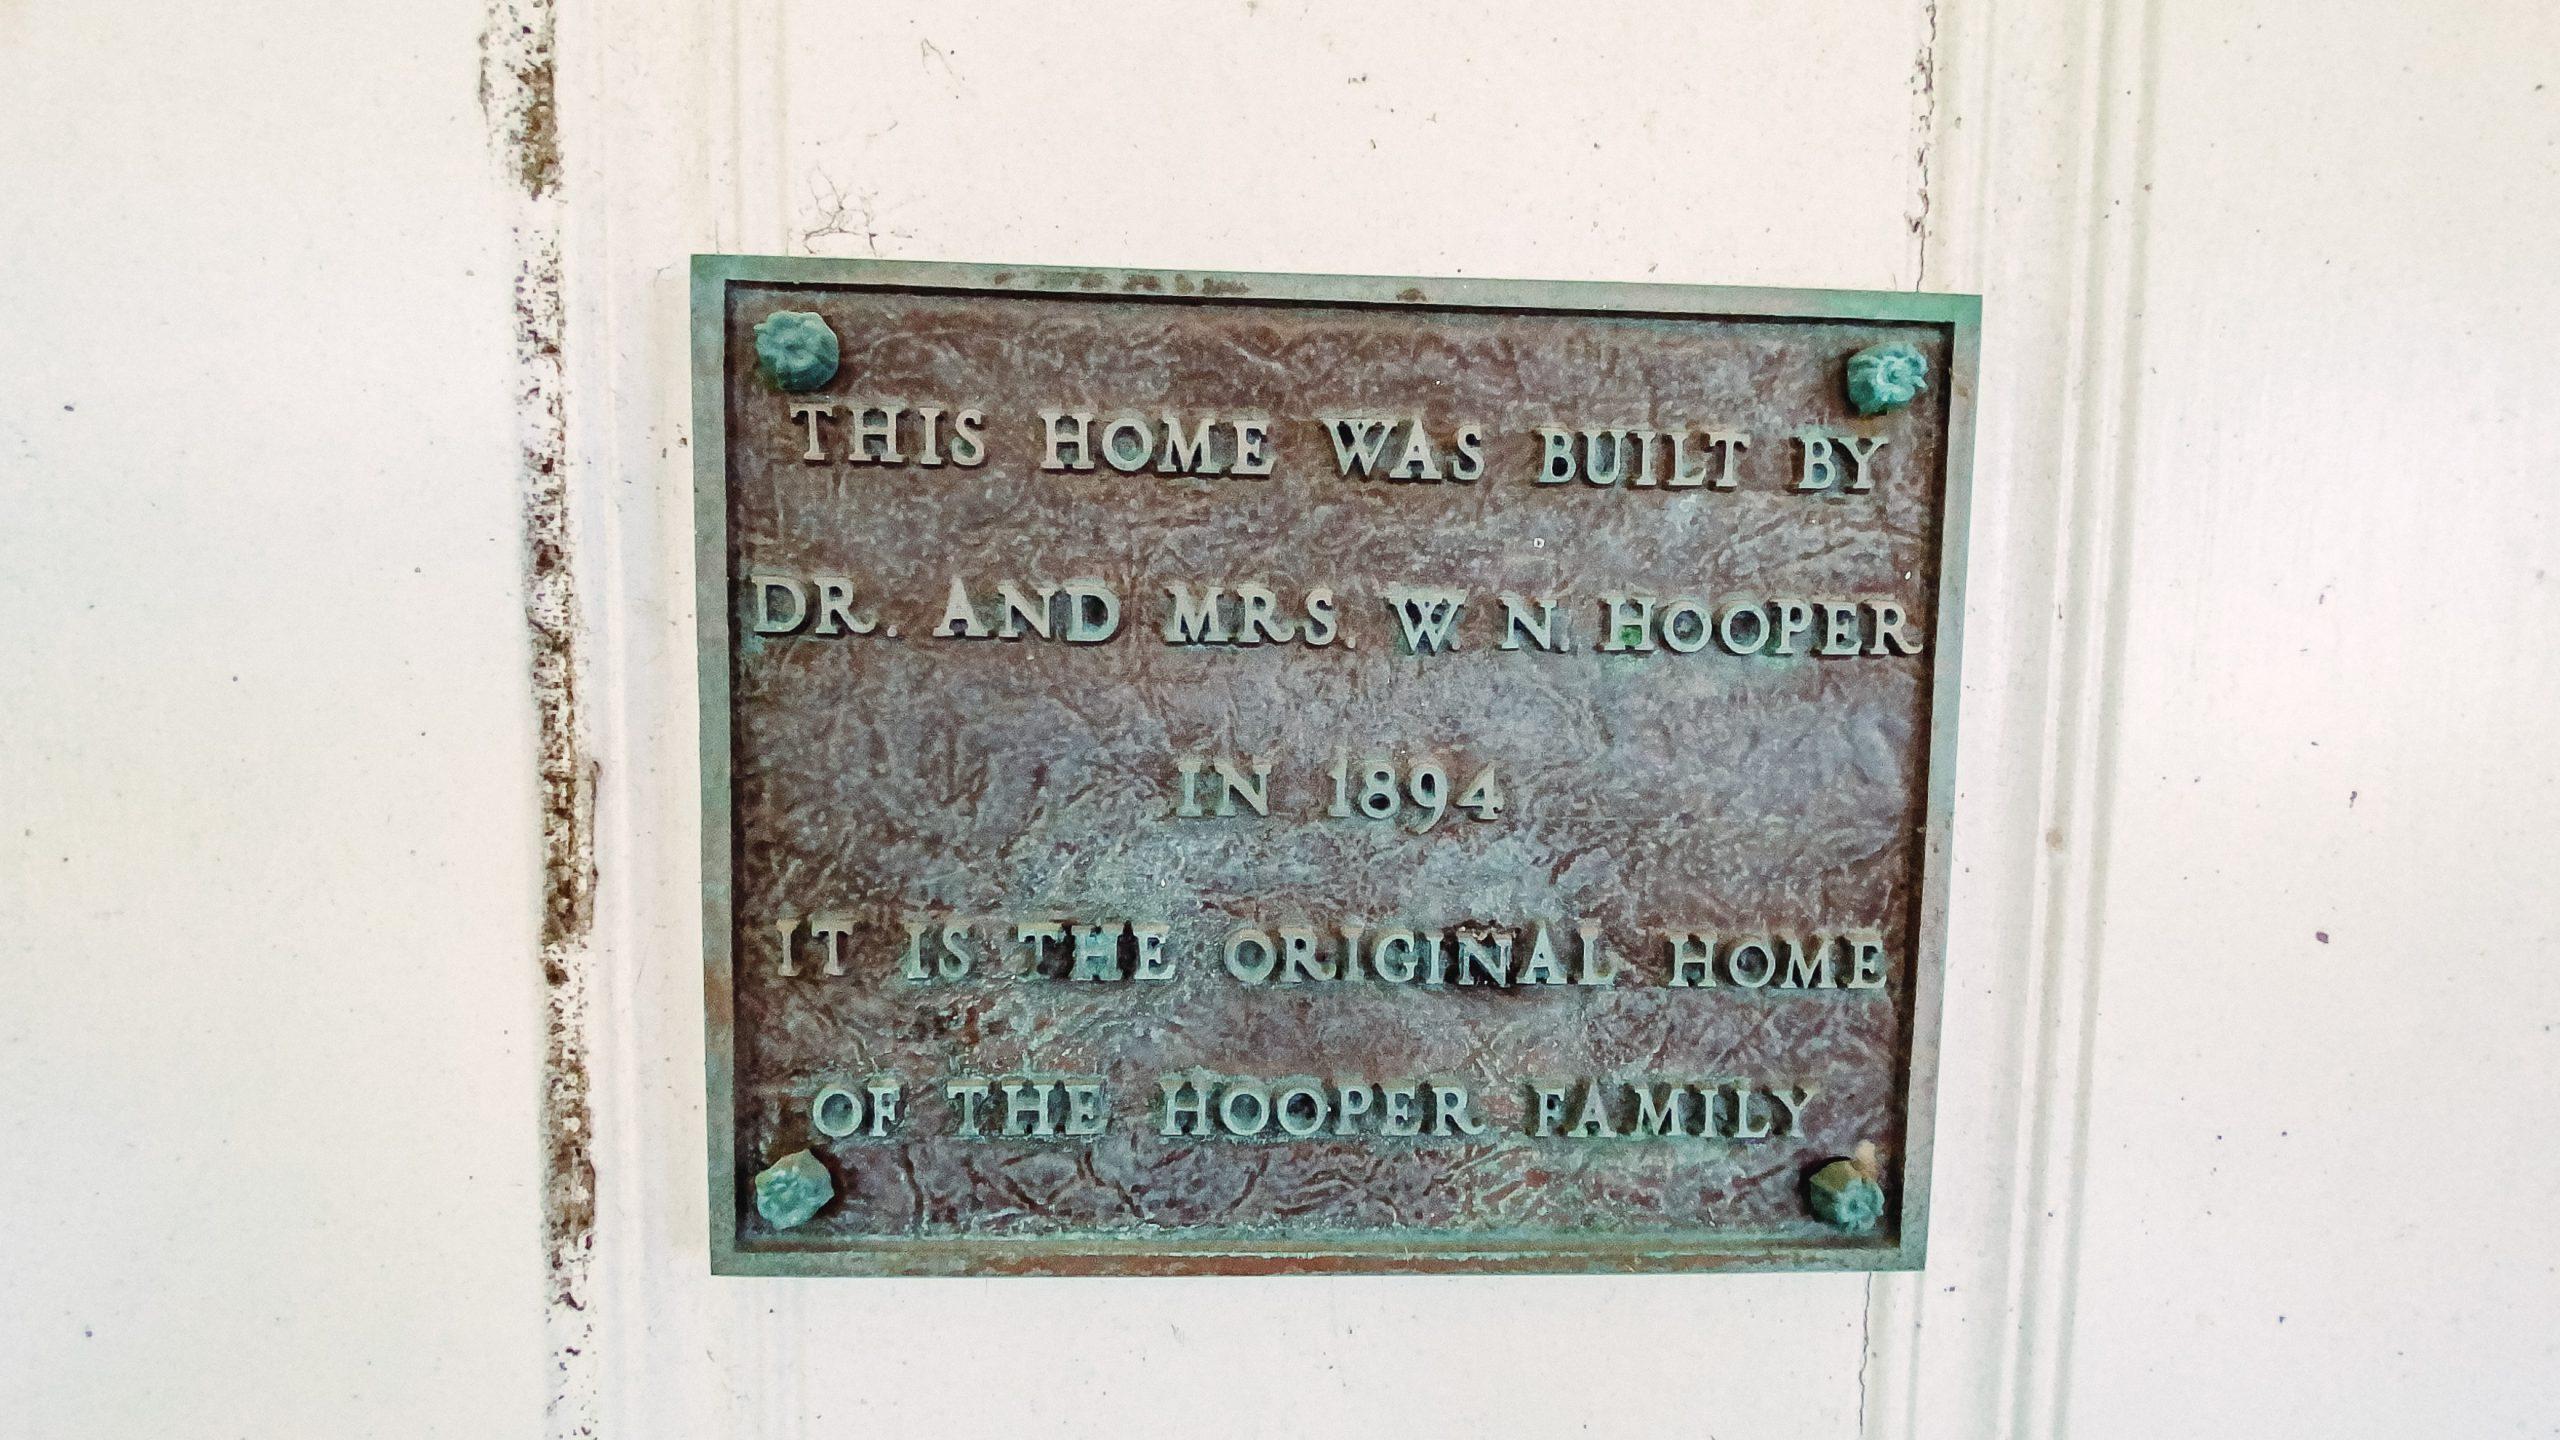 hooper family home built in 1894